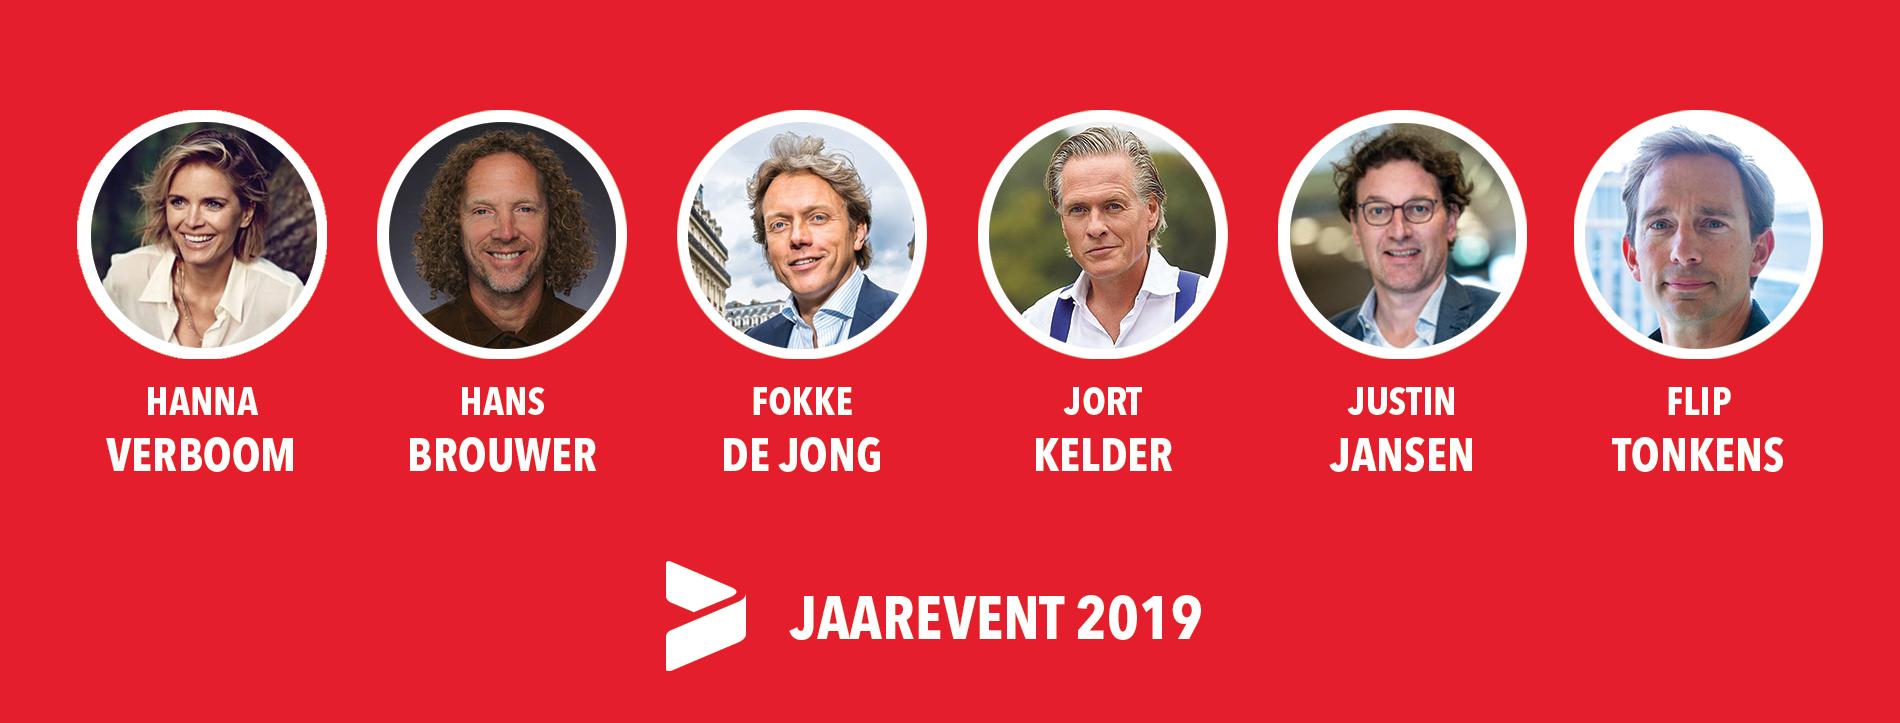 Het GoFastForward Jaarevent 2019